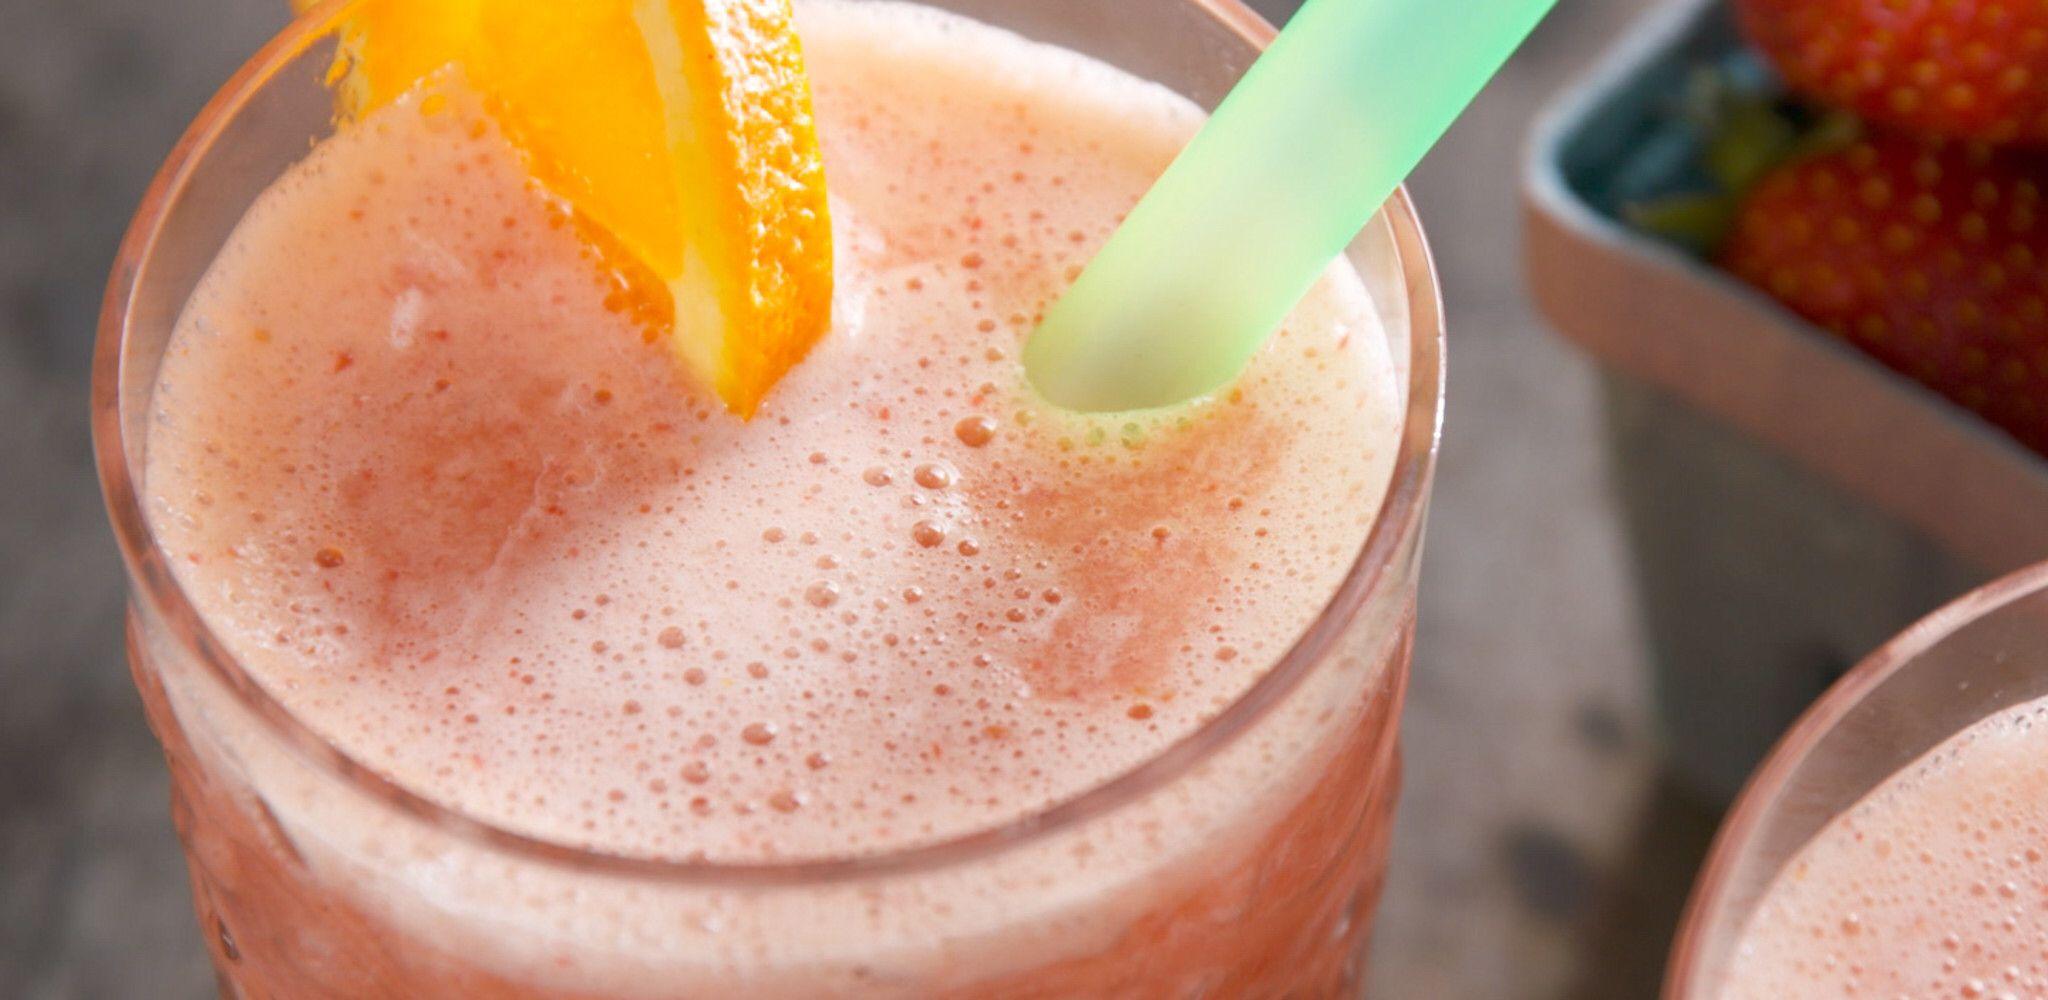 Strawberry OJ Recipe in 2020 Food network recipes